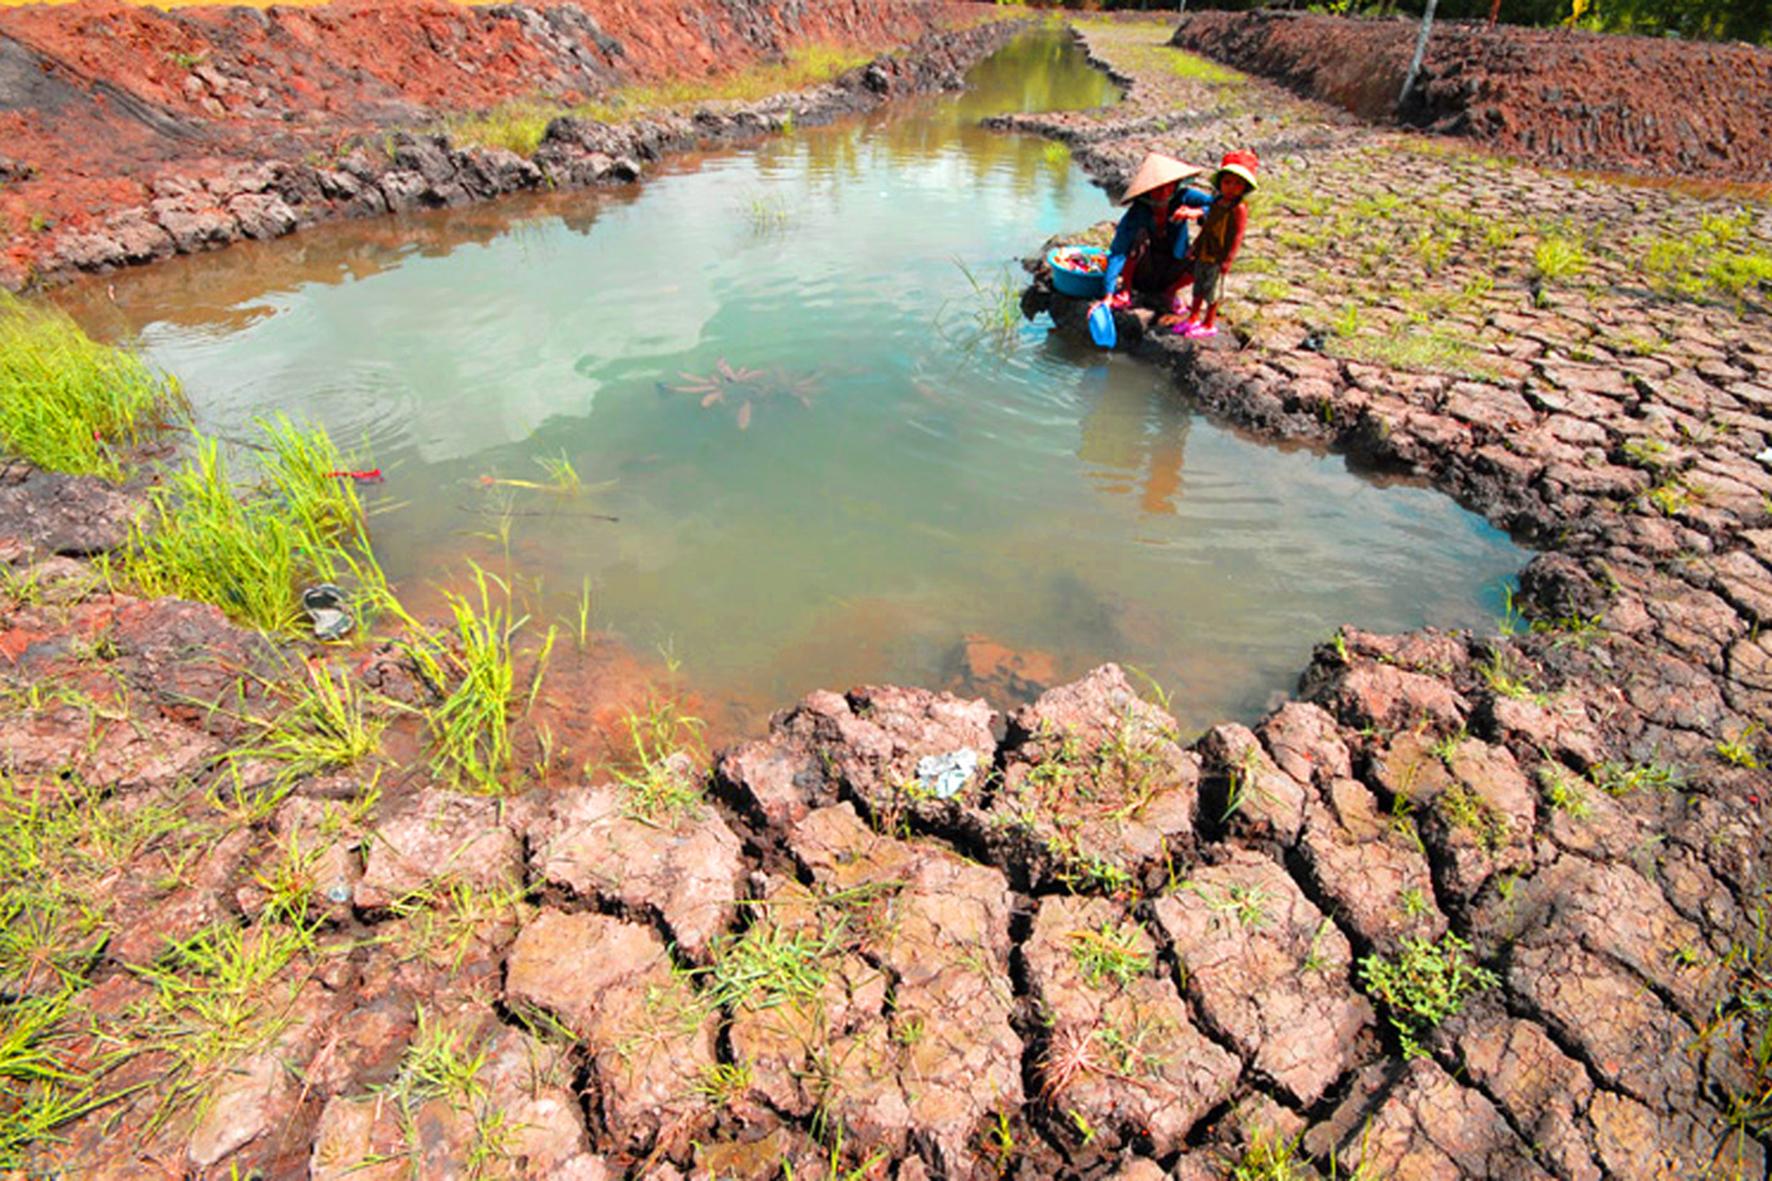 Nguy cơ thiếu nước sinh hoạt do biến đổi khí hậu (1/5/2019)